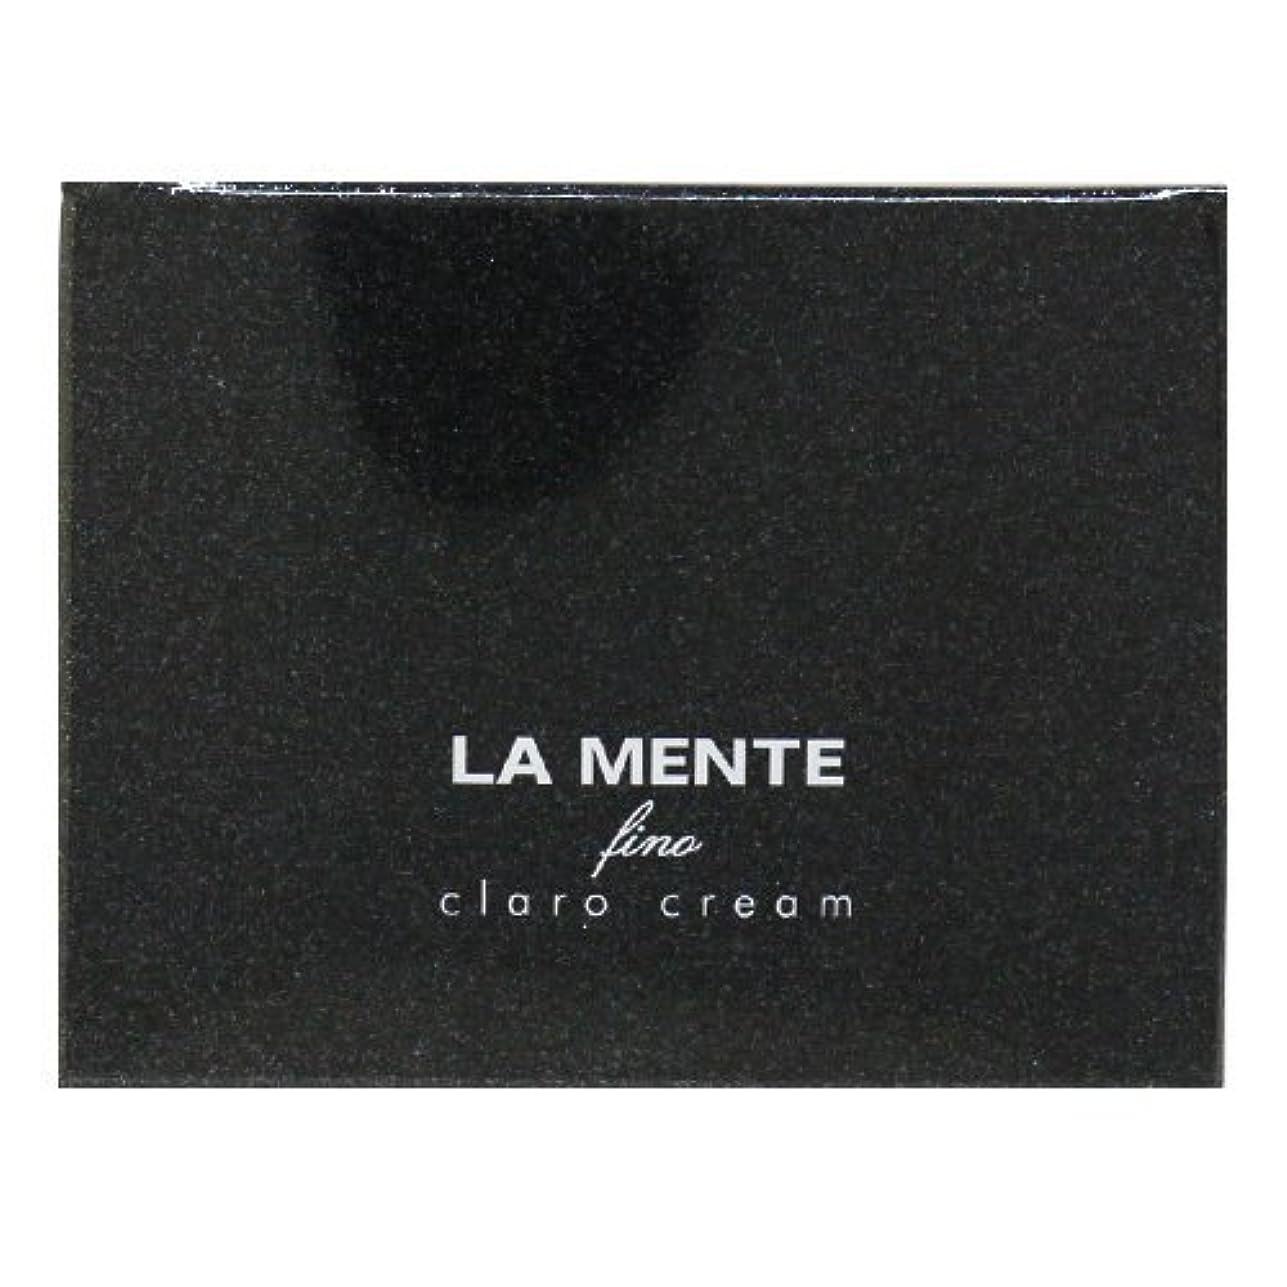 特殊肥沃なかんがいラメンテ フィーノ クラロクリーム 40g (4543802600963)